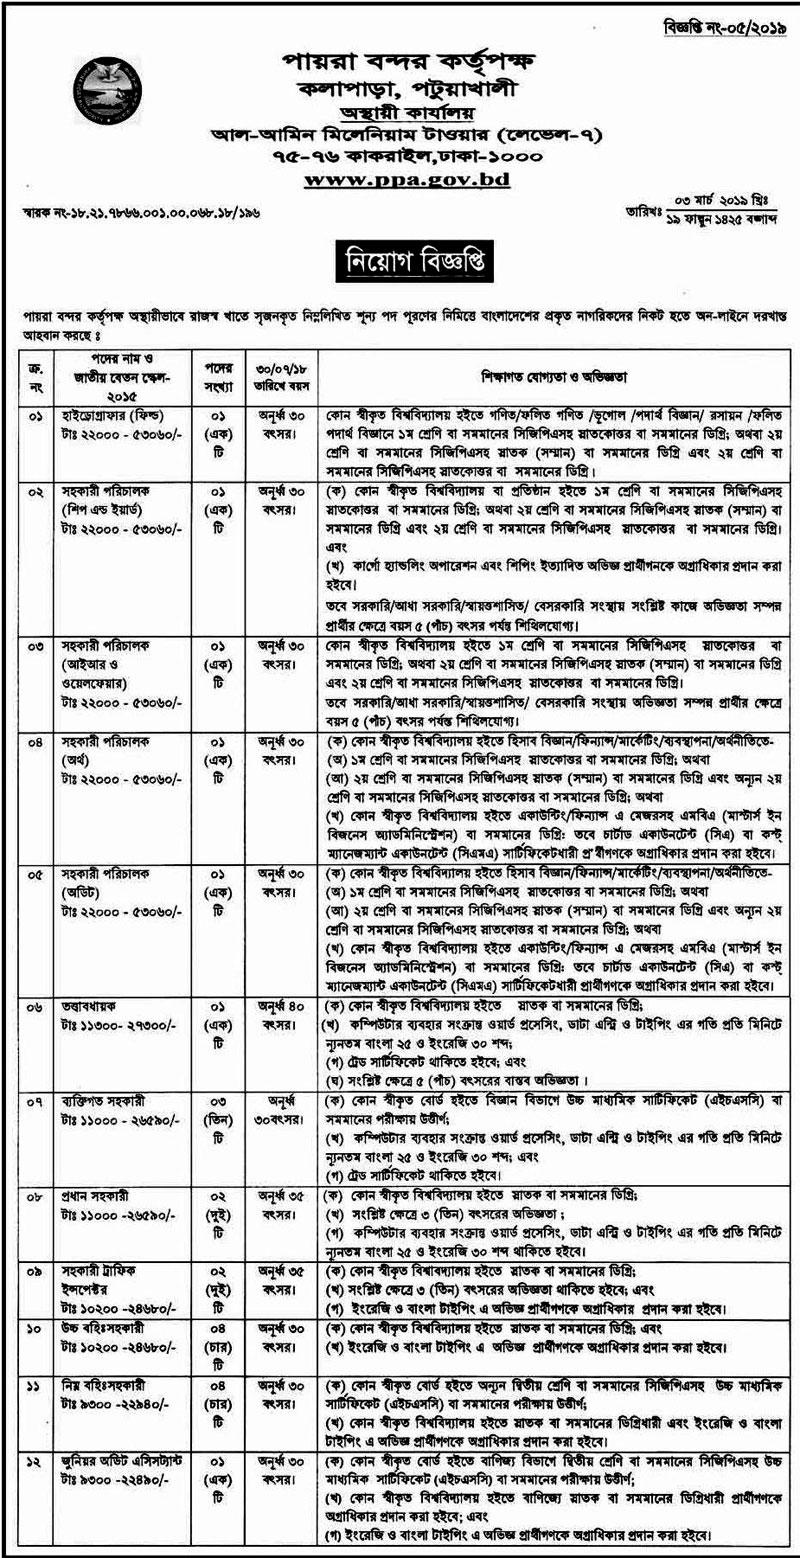 Payra Port Authority Job Circular 2019